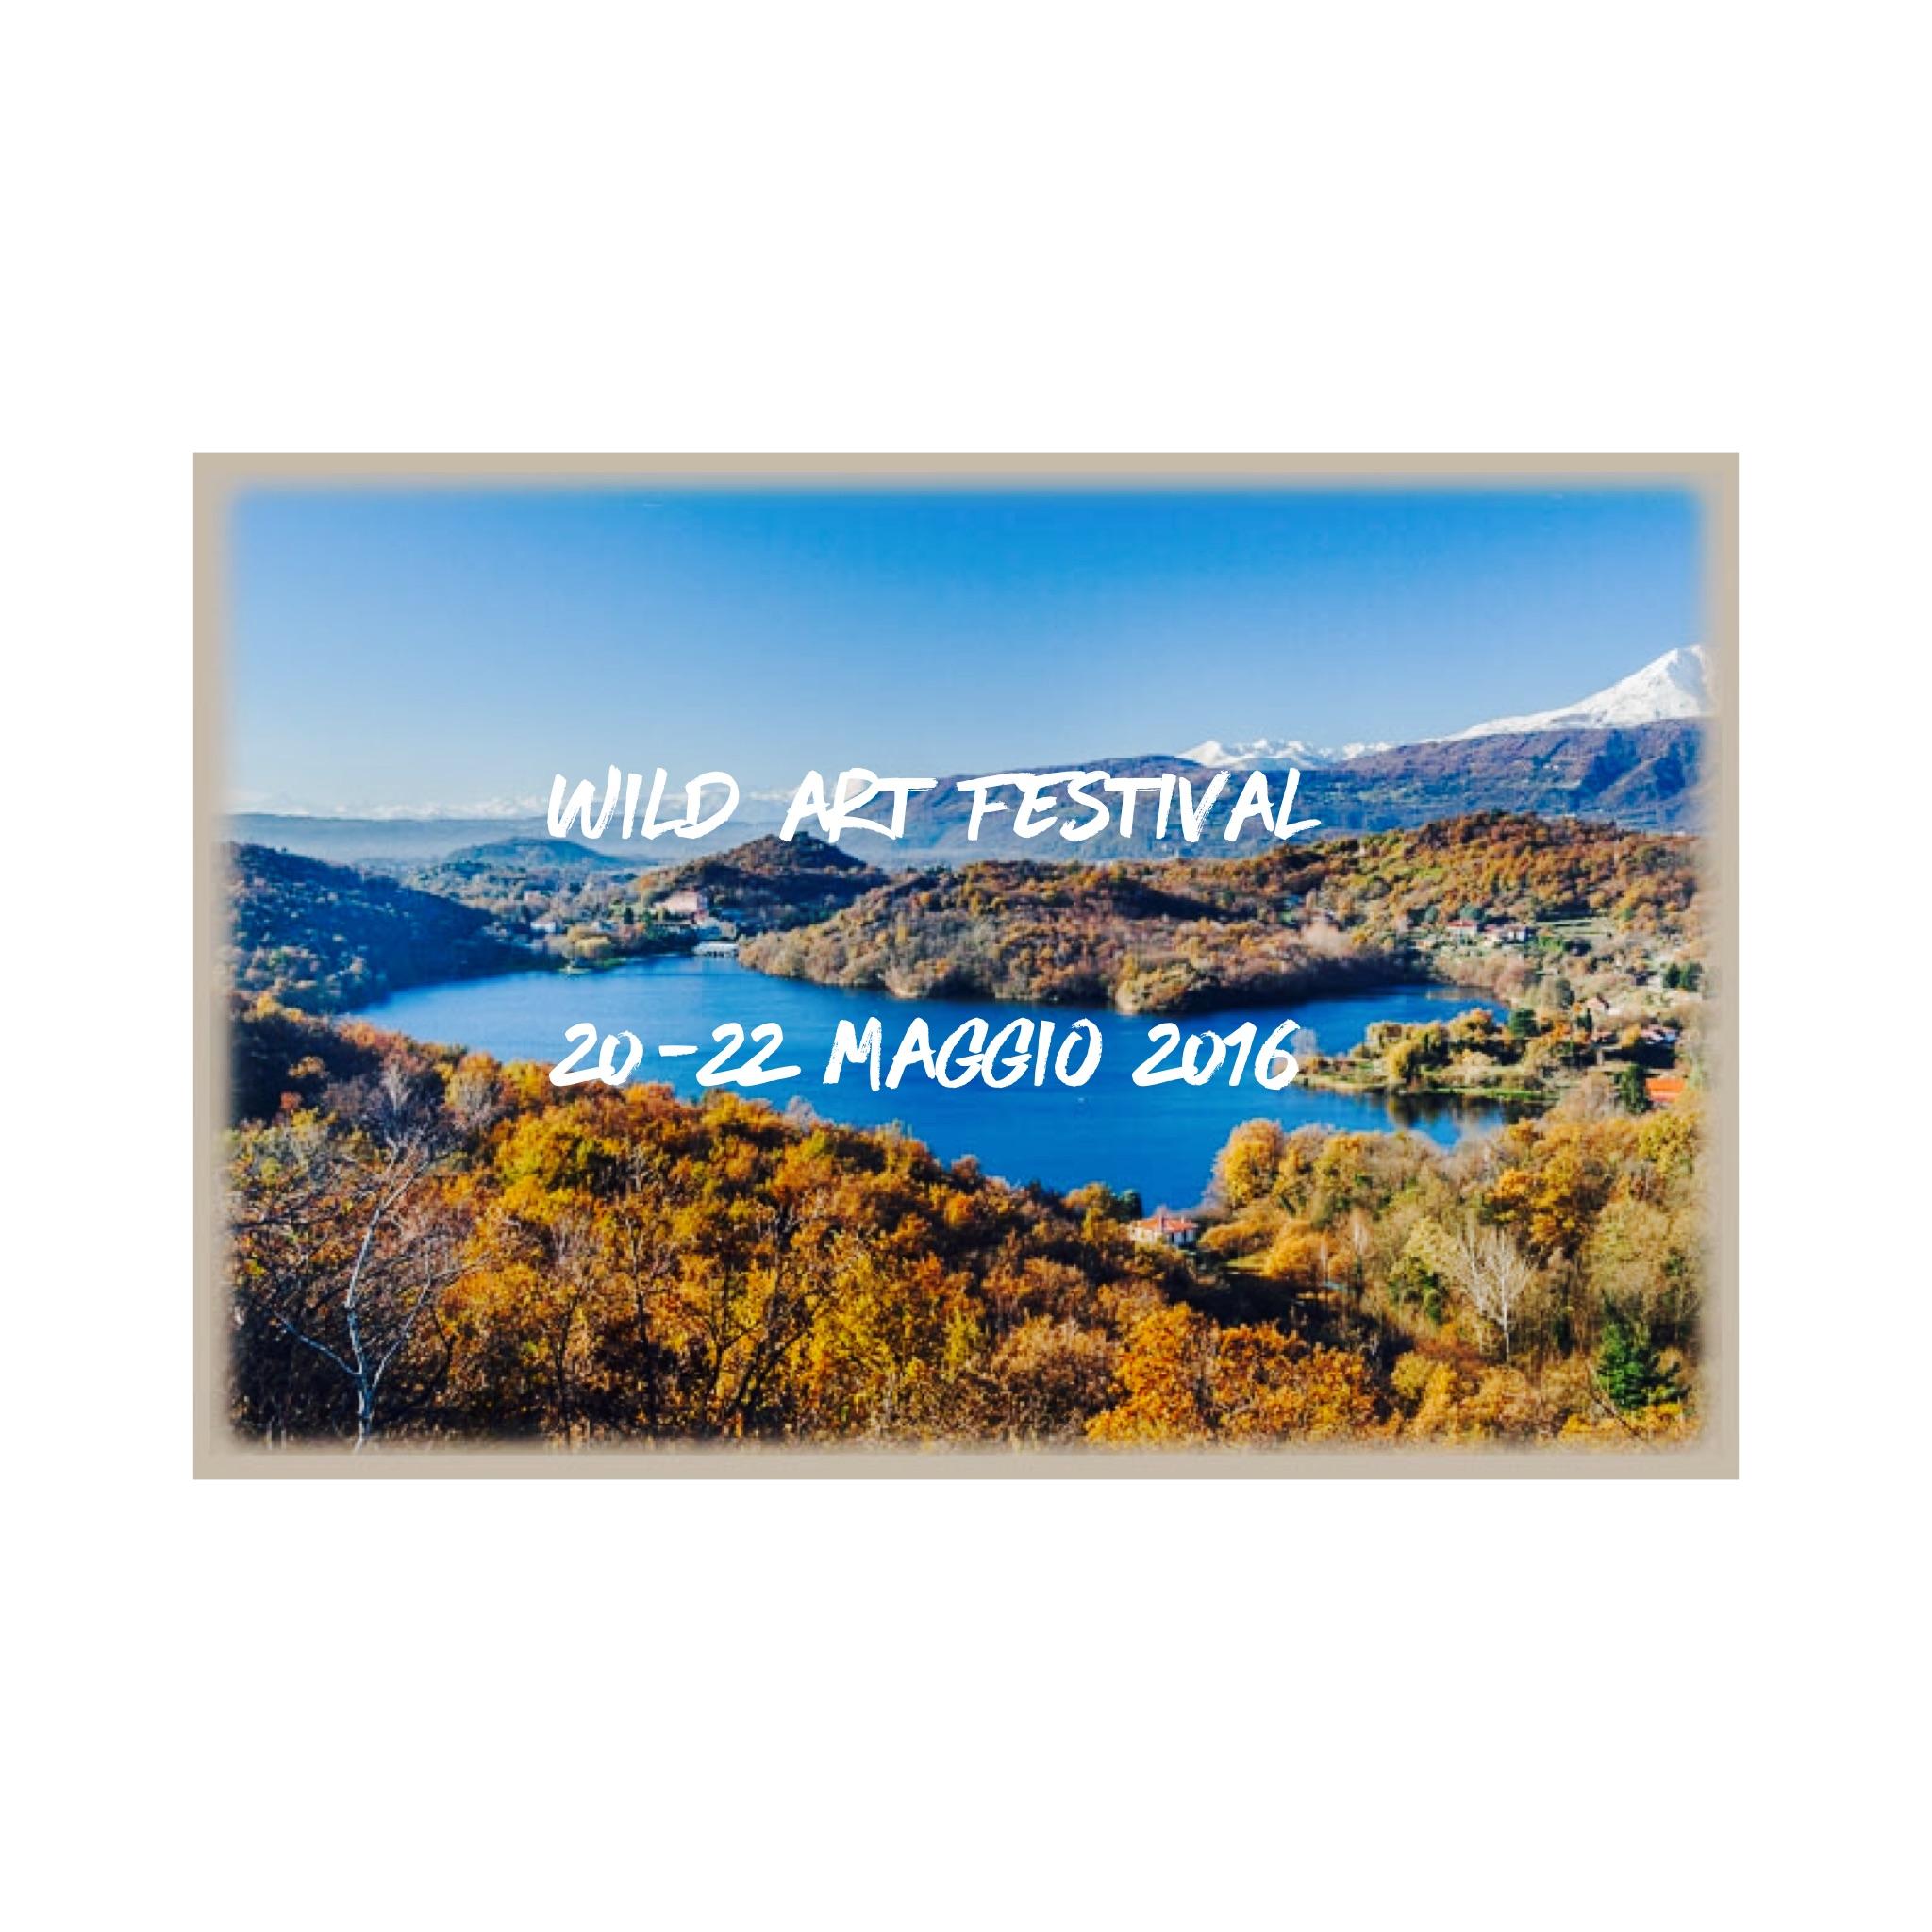 Wild Art Festival 2016, il Festival delle Arti Naturalistiche: per veri amanti di foto e natura